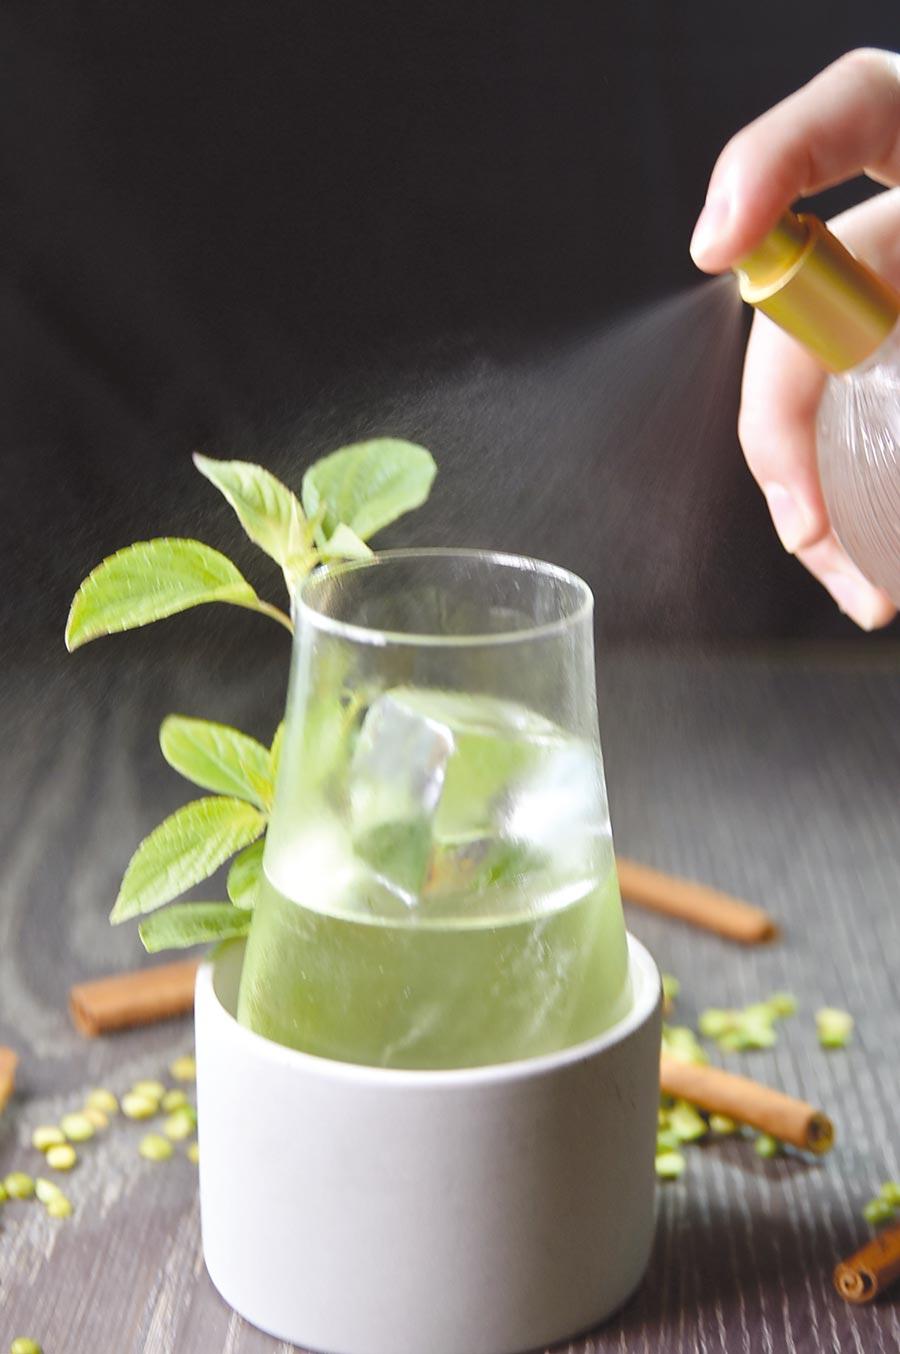 在〈Saffron 46〉可以世界调酒冠军Aki Wang调制的各式调酒佐餐,图中用白肖楠葡萄酒作的调酒还另外用萃取液添香。图/姚舜